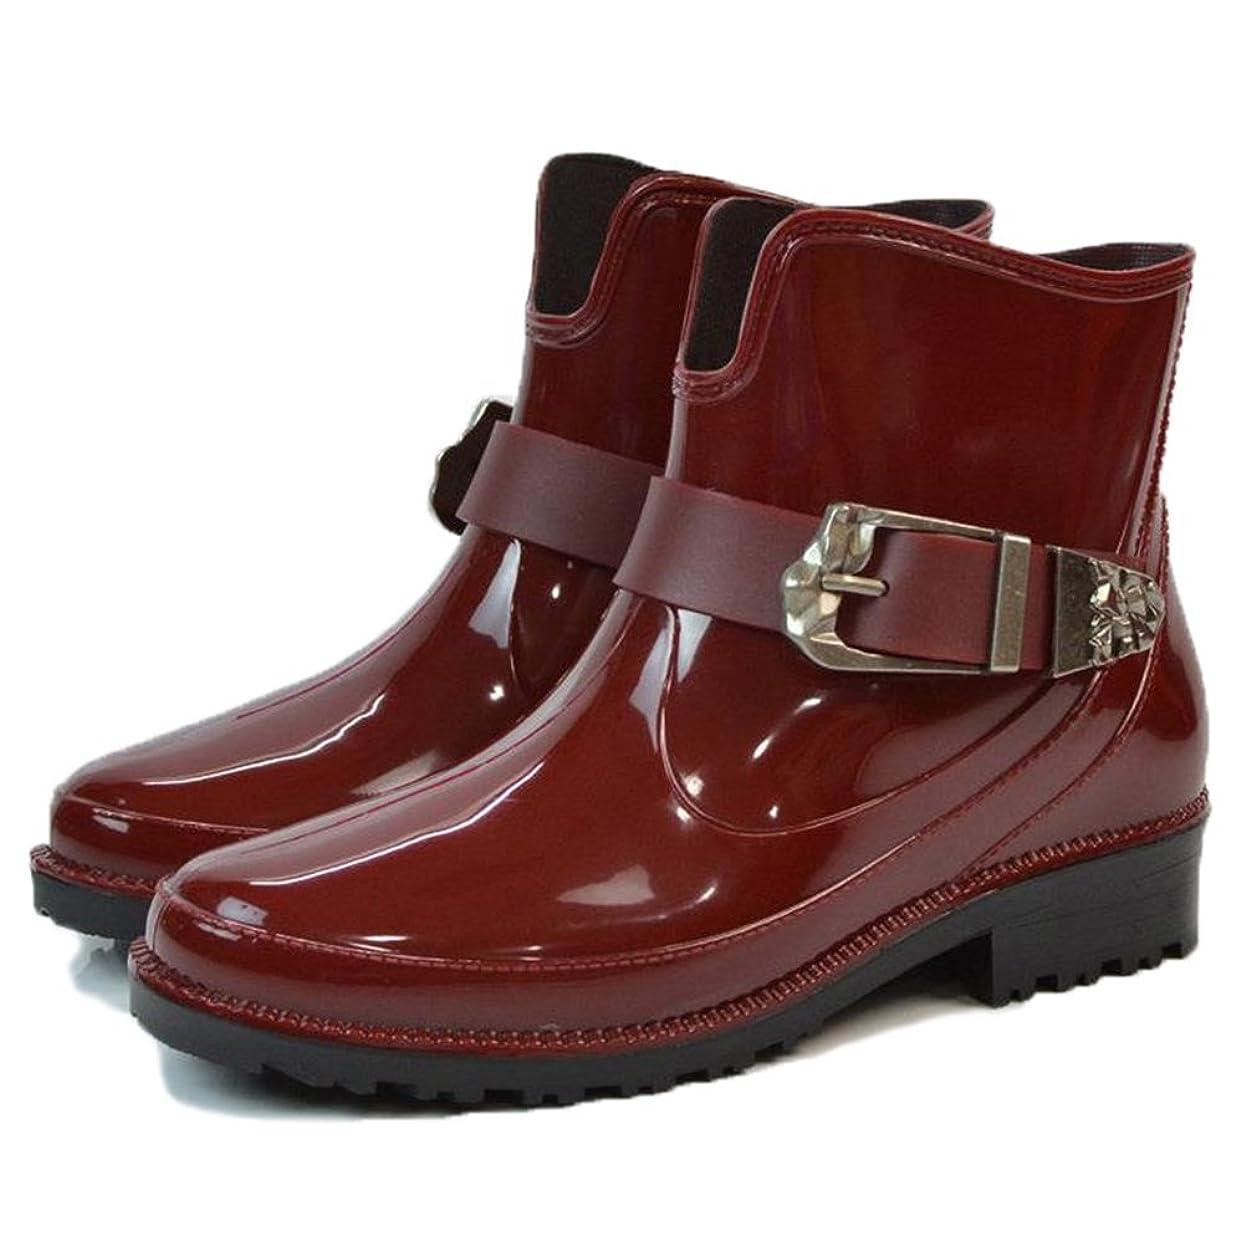 博物館マグ落ち着いて[HR株式会社]レインシューズ レディース おしゃれ ショート 可愛い バックル付き 防水 軽量 滑り止め 雨靴 雨の日 晴雨兼用 彼女